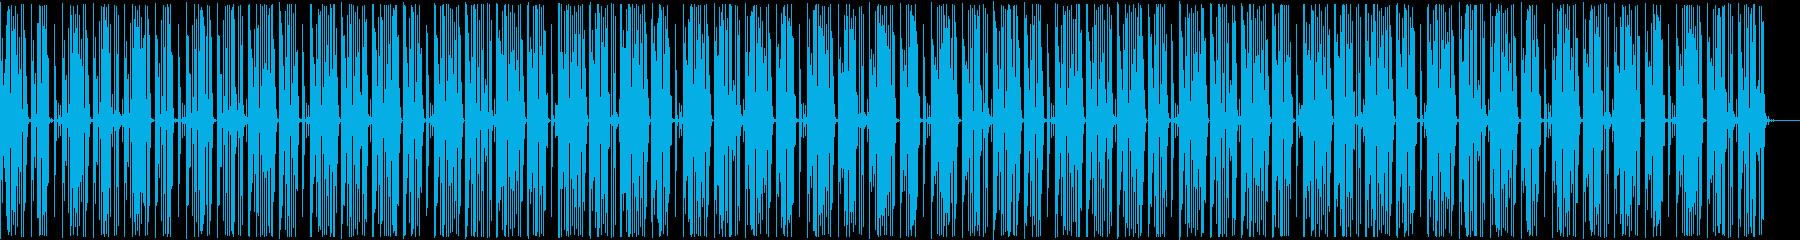 ほのぼの、説明、トーク、日常、ミニマルの再生済みの波形